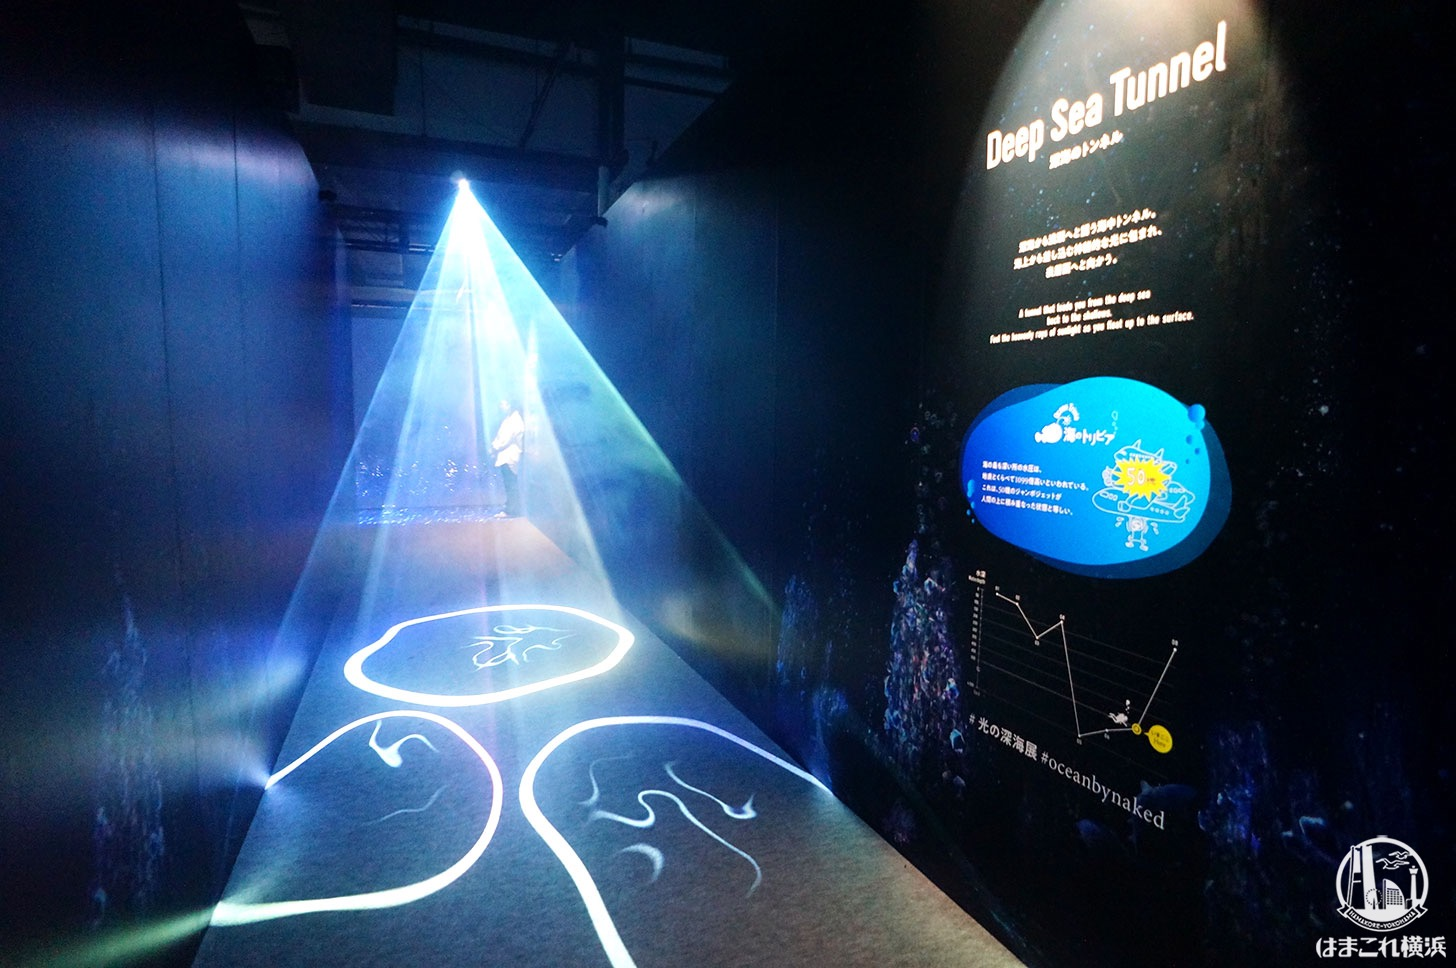 オーシャン バイ ネイキッド 光の深海展「光のトンネル」